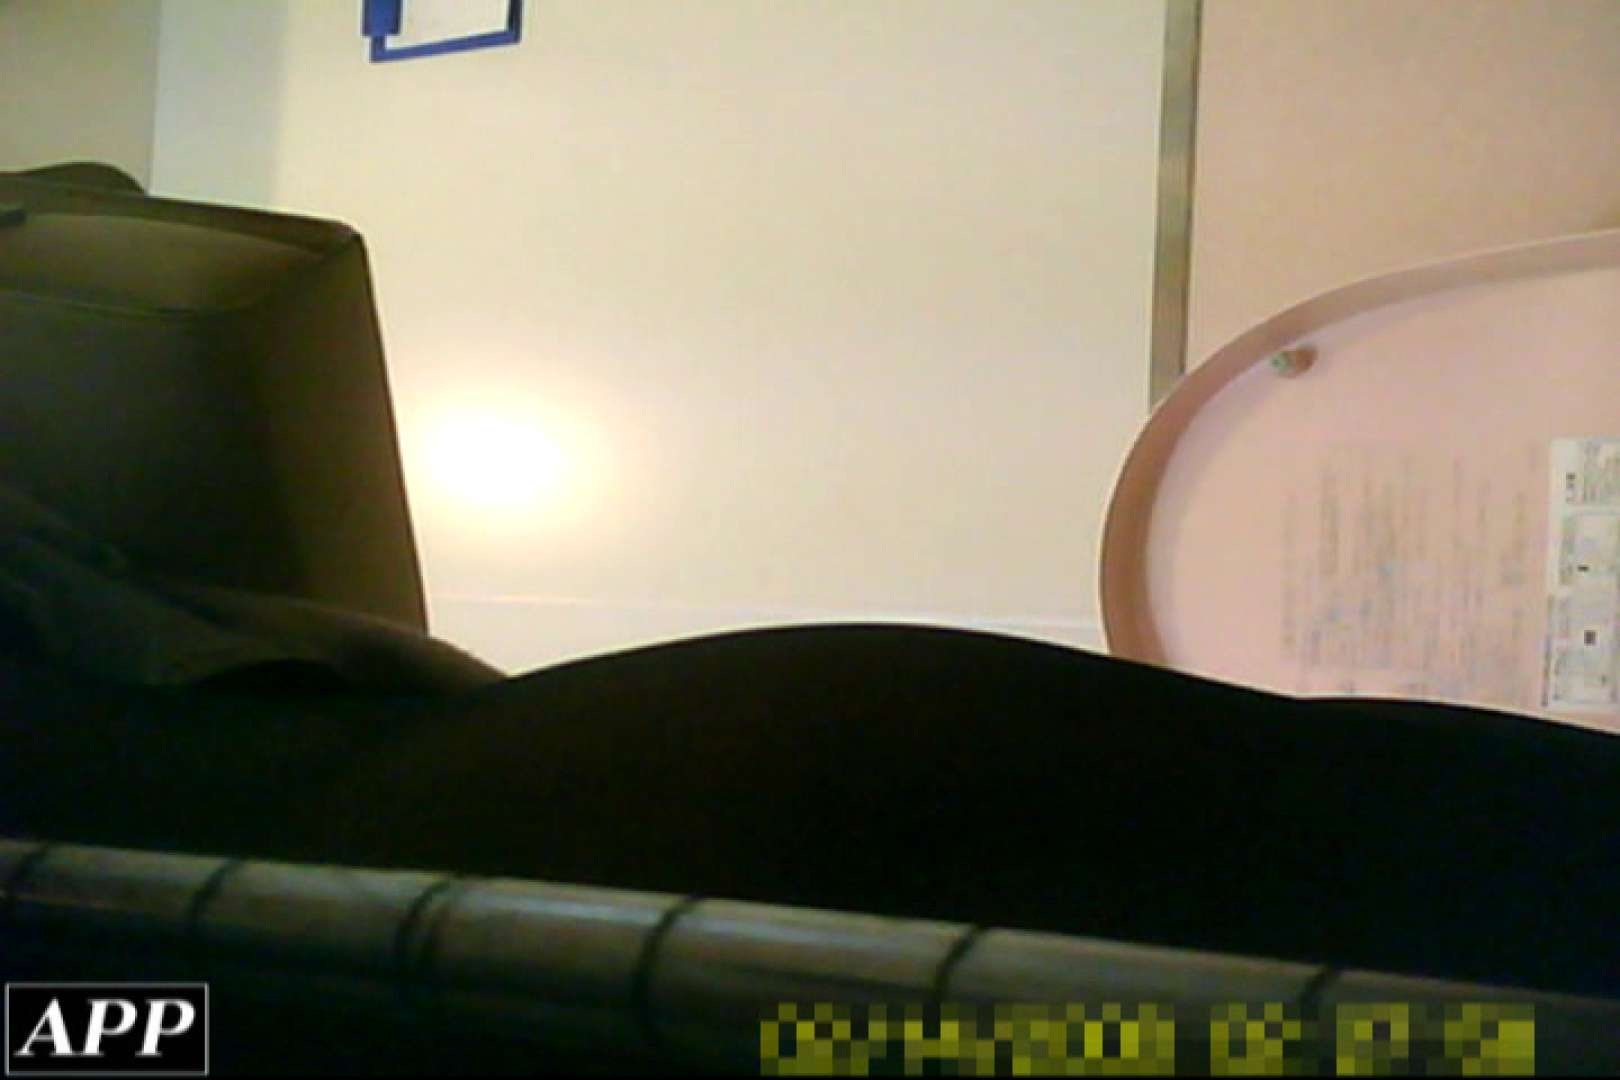 3視点洗面所 vol.140 OLのボディ   盗撮  64PIX 61